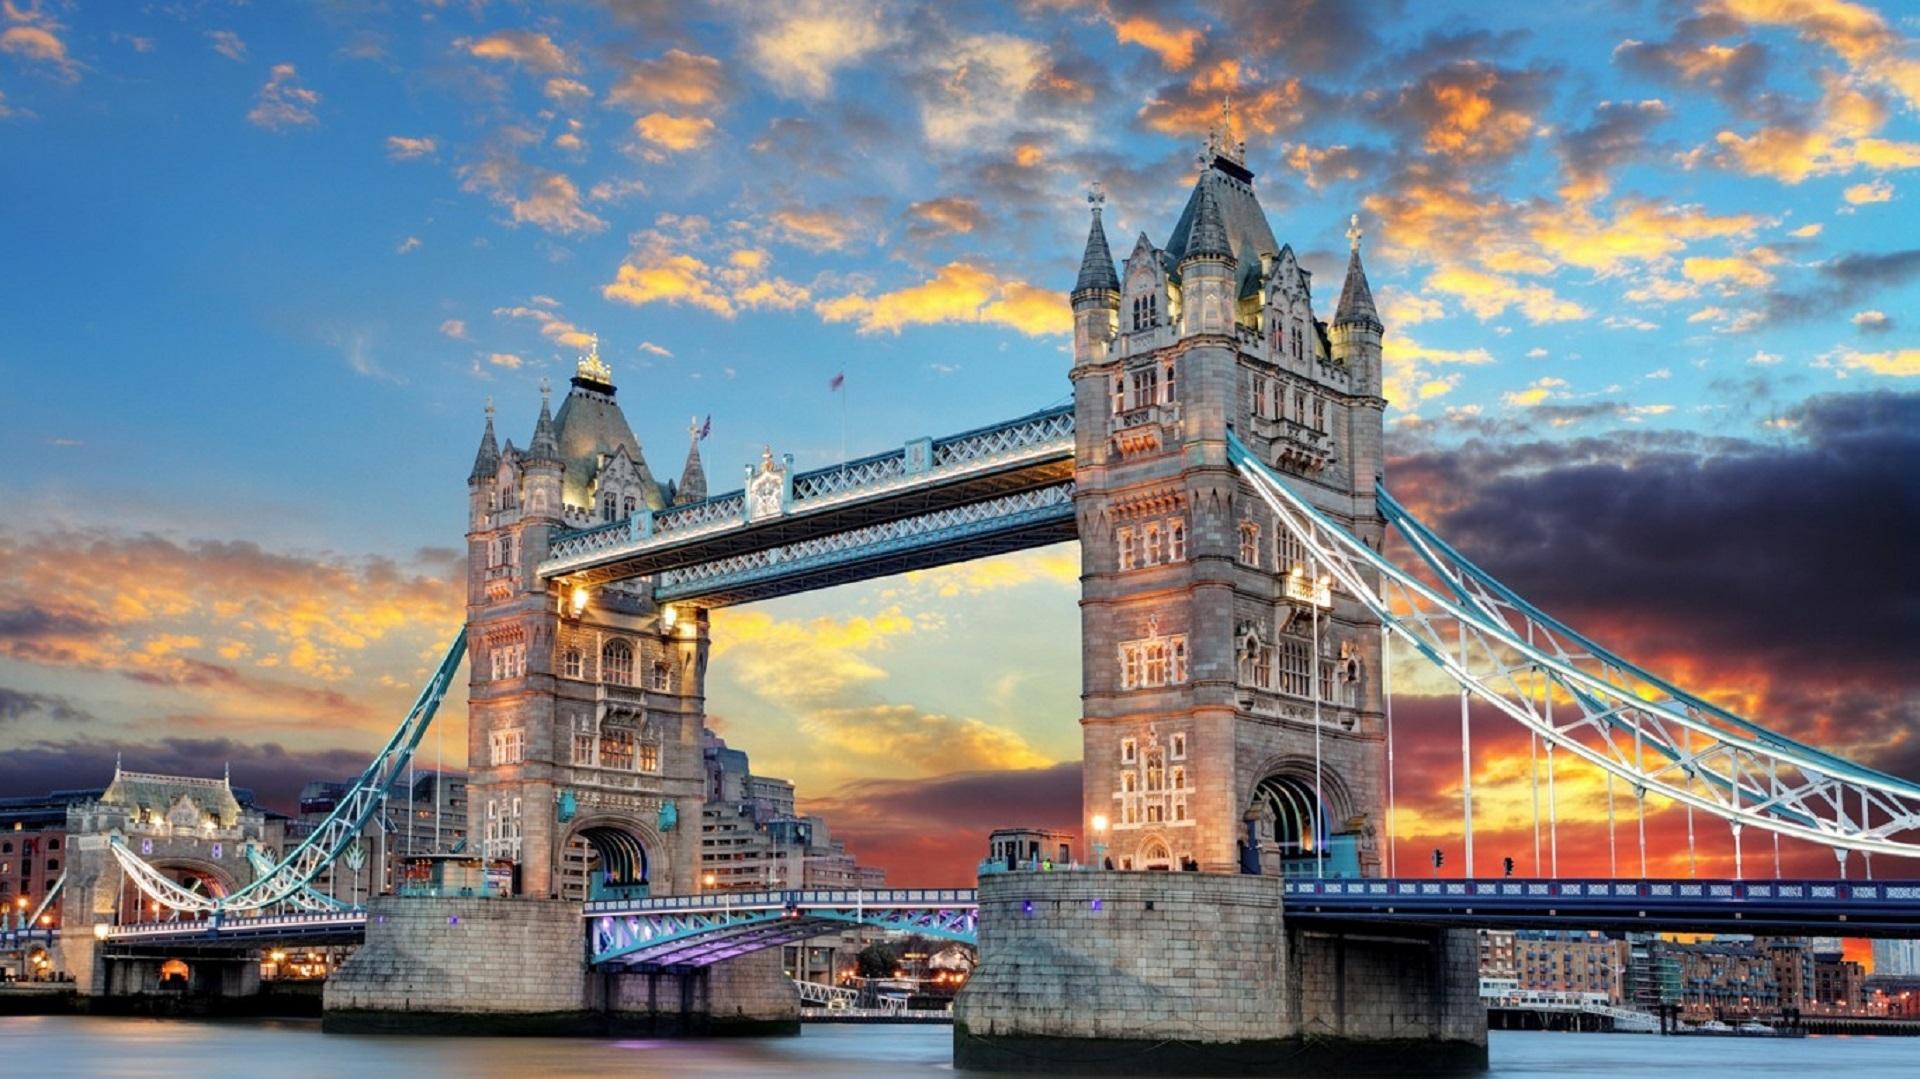 लन्डन होटल हस्टल आवास होस्टिंग इंग्लैंड लन्डन पास दुनियाभर मा सस्ते कम मूल्य